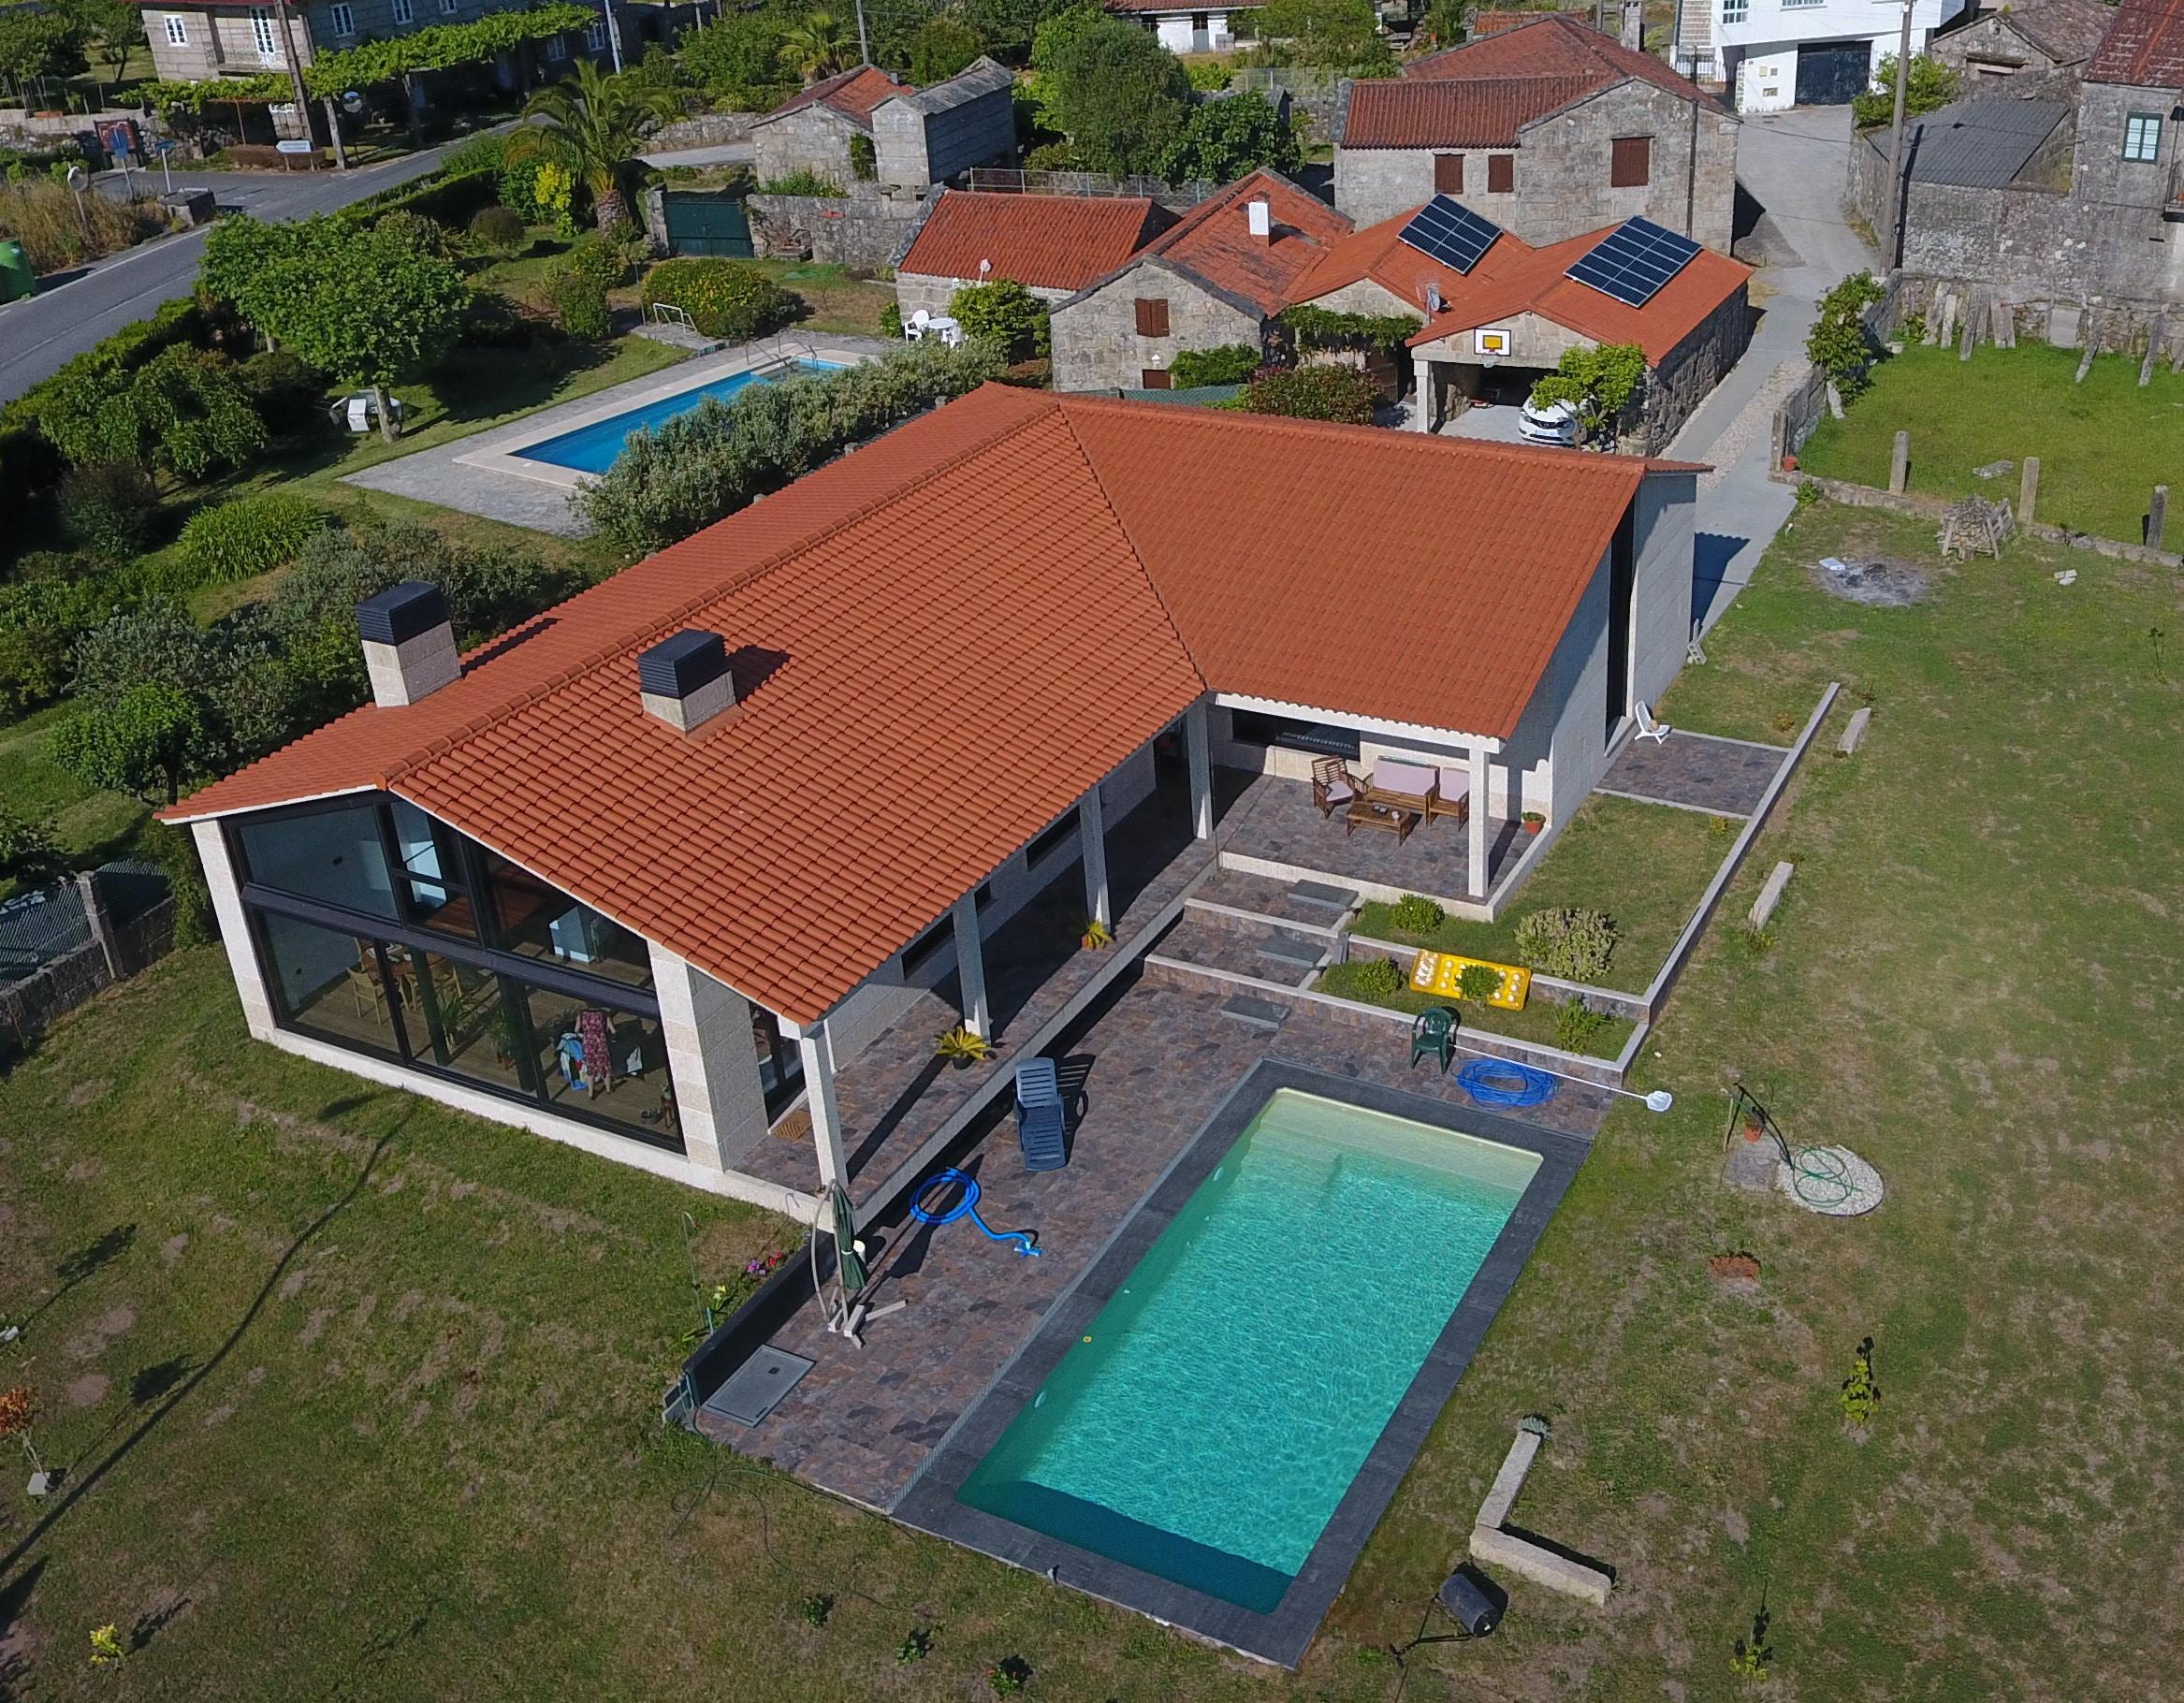 instalación fotovoltaica para autoconsumo en vivienda unifamiliar